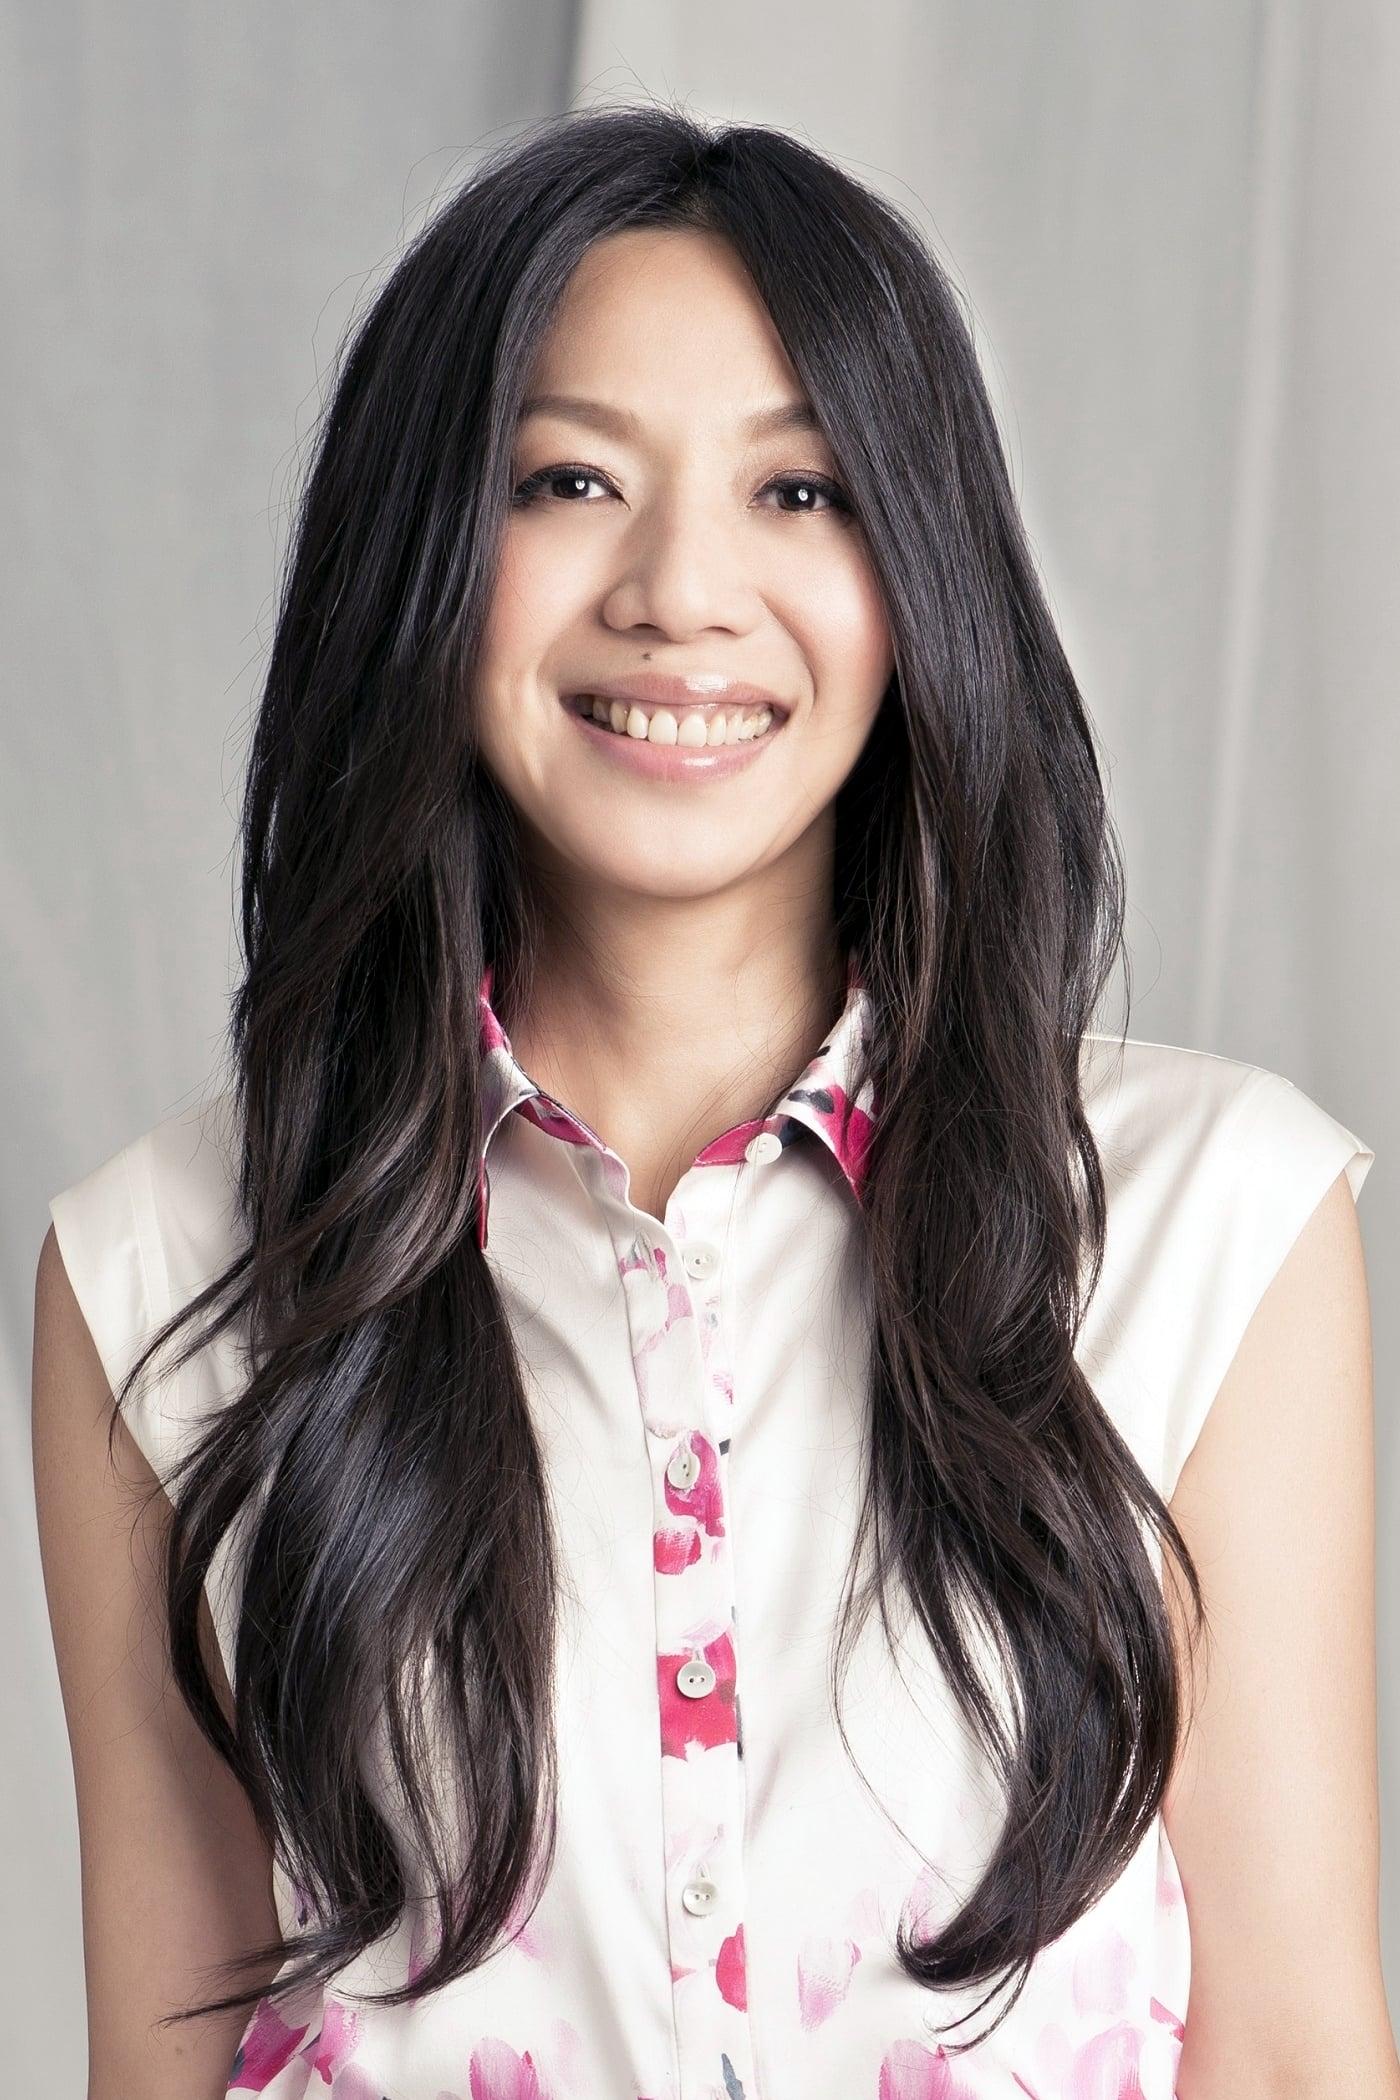 Fang Wan